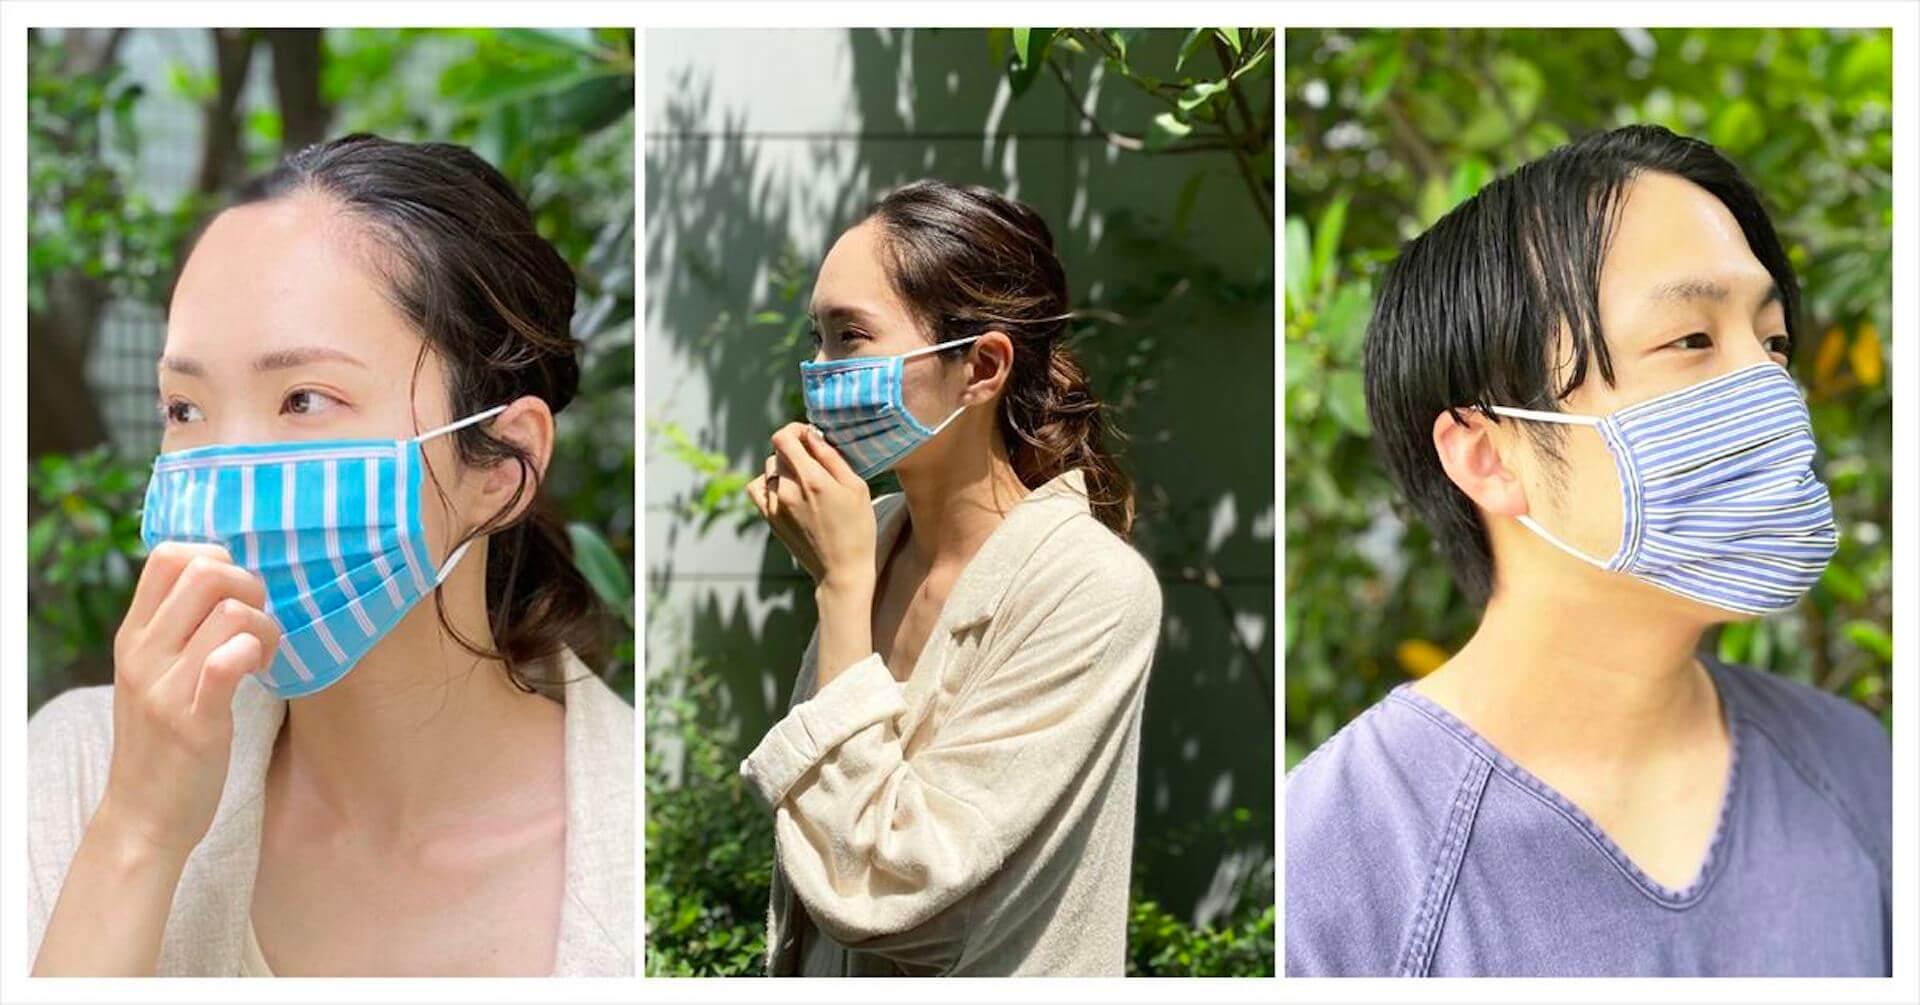 お気に入りの服や生地を持ち込んでマスクを作ろう!進化型古着屋・森がオーダーメイドマスクの受注サービスを開始 lf200619_mask_mori_04